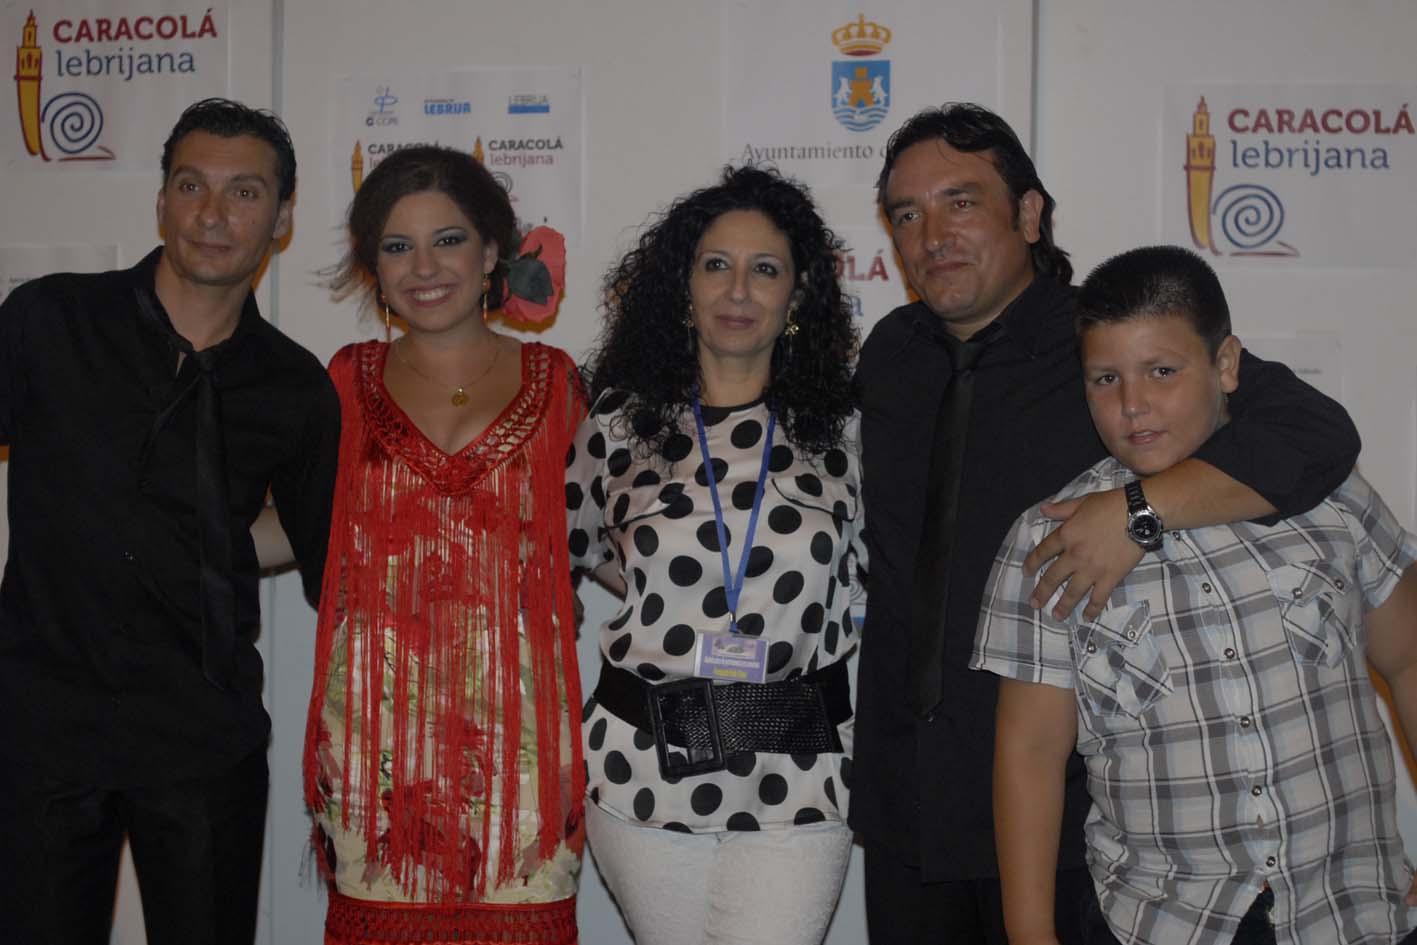 Caracolá 2013